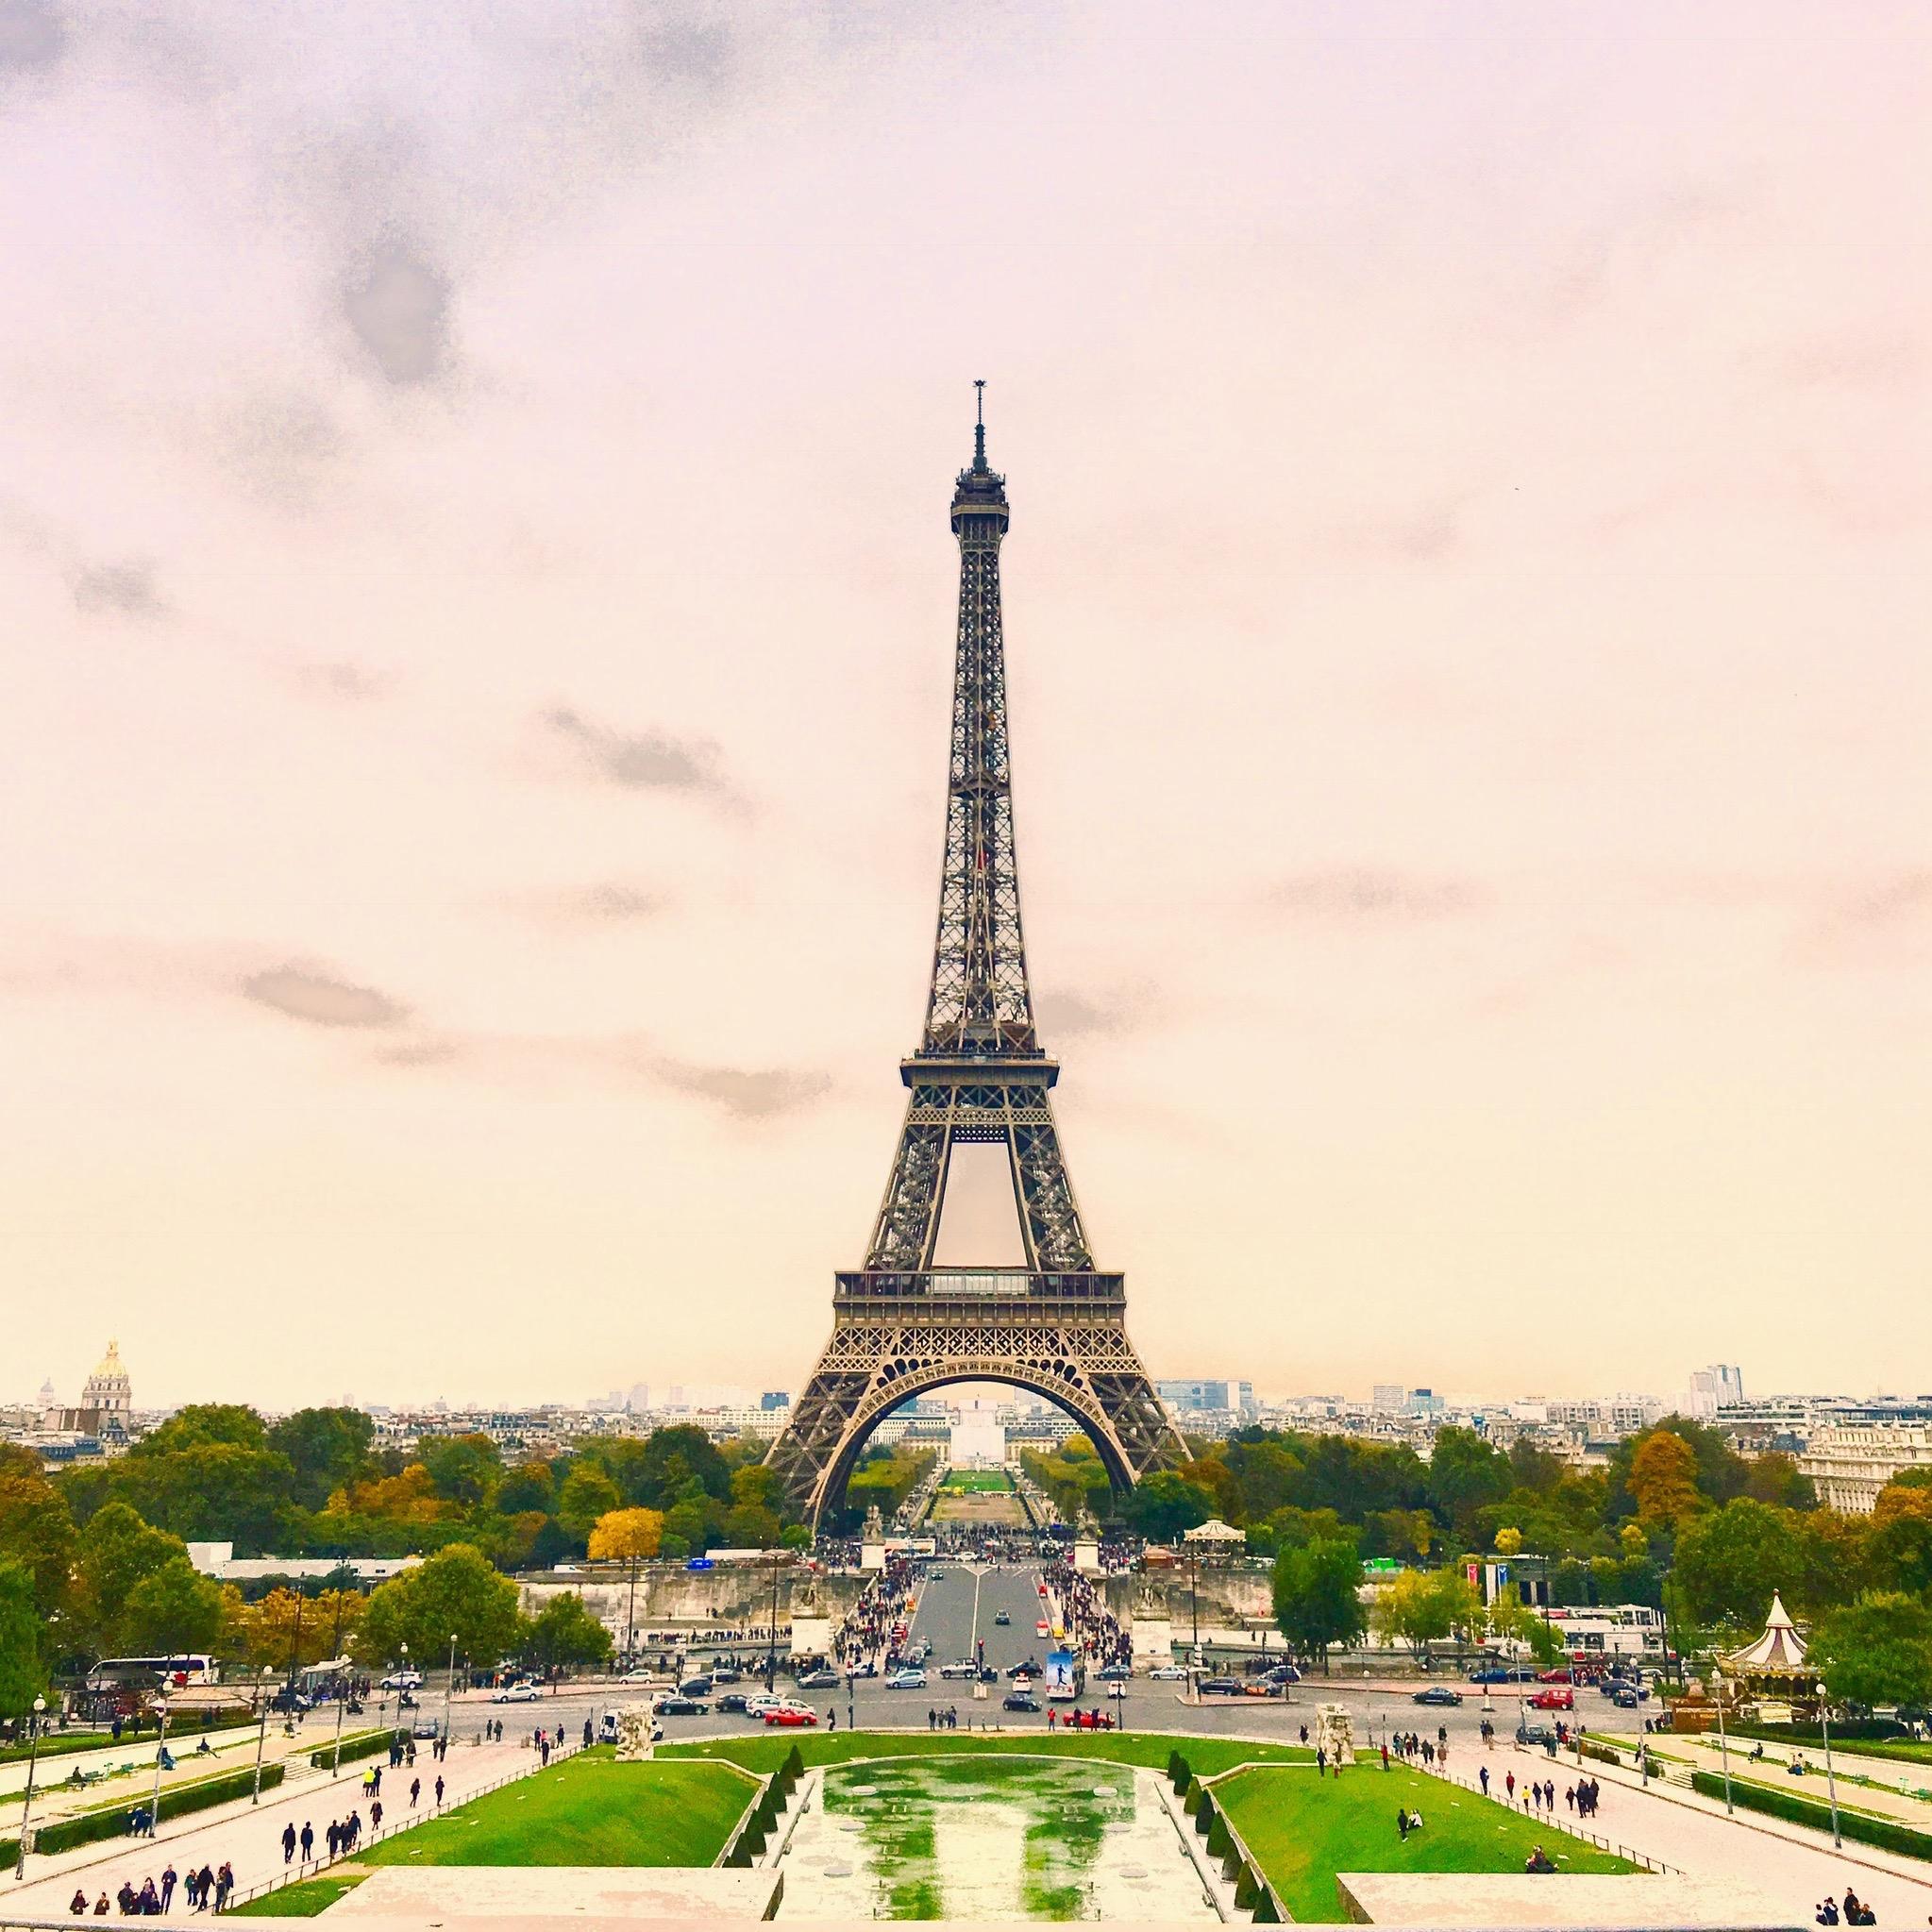 Zug: Frankreich, Belgien [Juli - September] - Thalys Sale - Einfache Fahrt nach Brüssel ab 19€ / Paris ab 32€ - Bei einer Buchung zu dritt: Brüssel ab 15€ p.P. / Paris ab 25€ p.P.